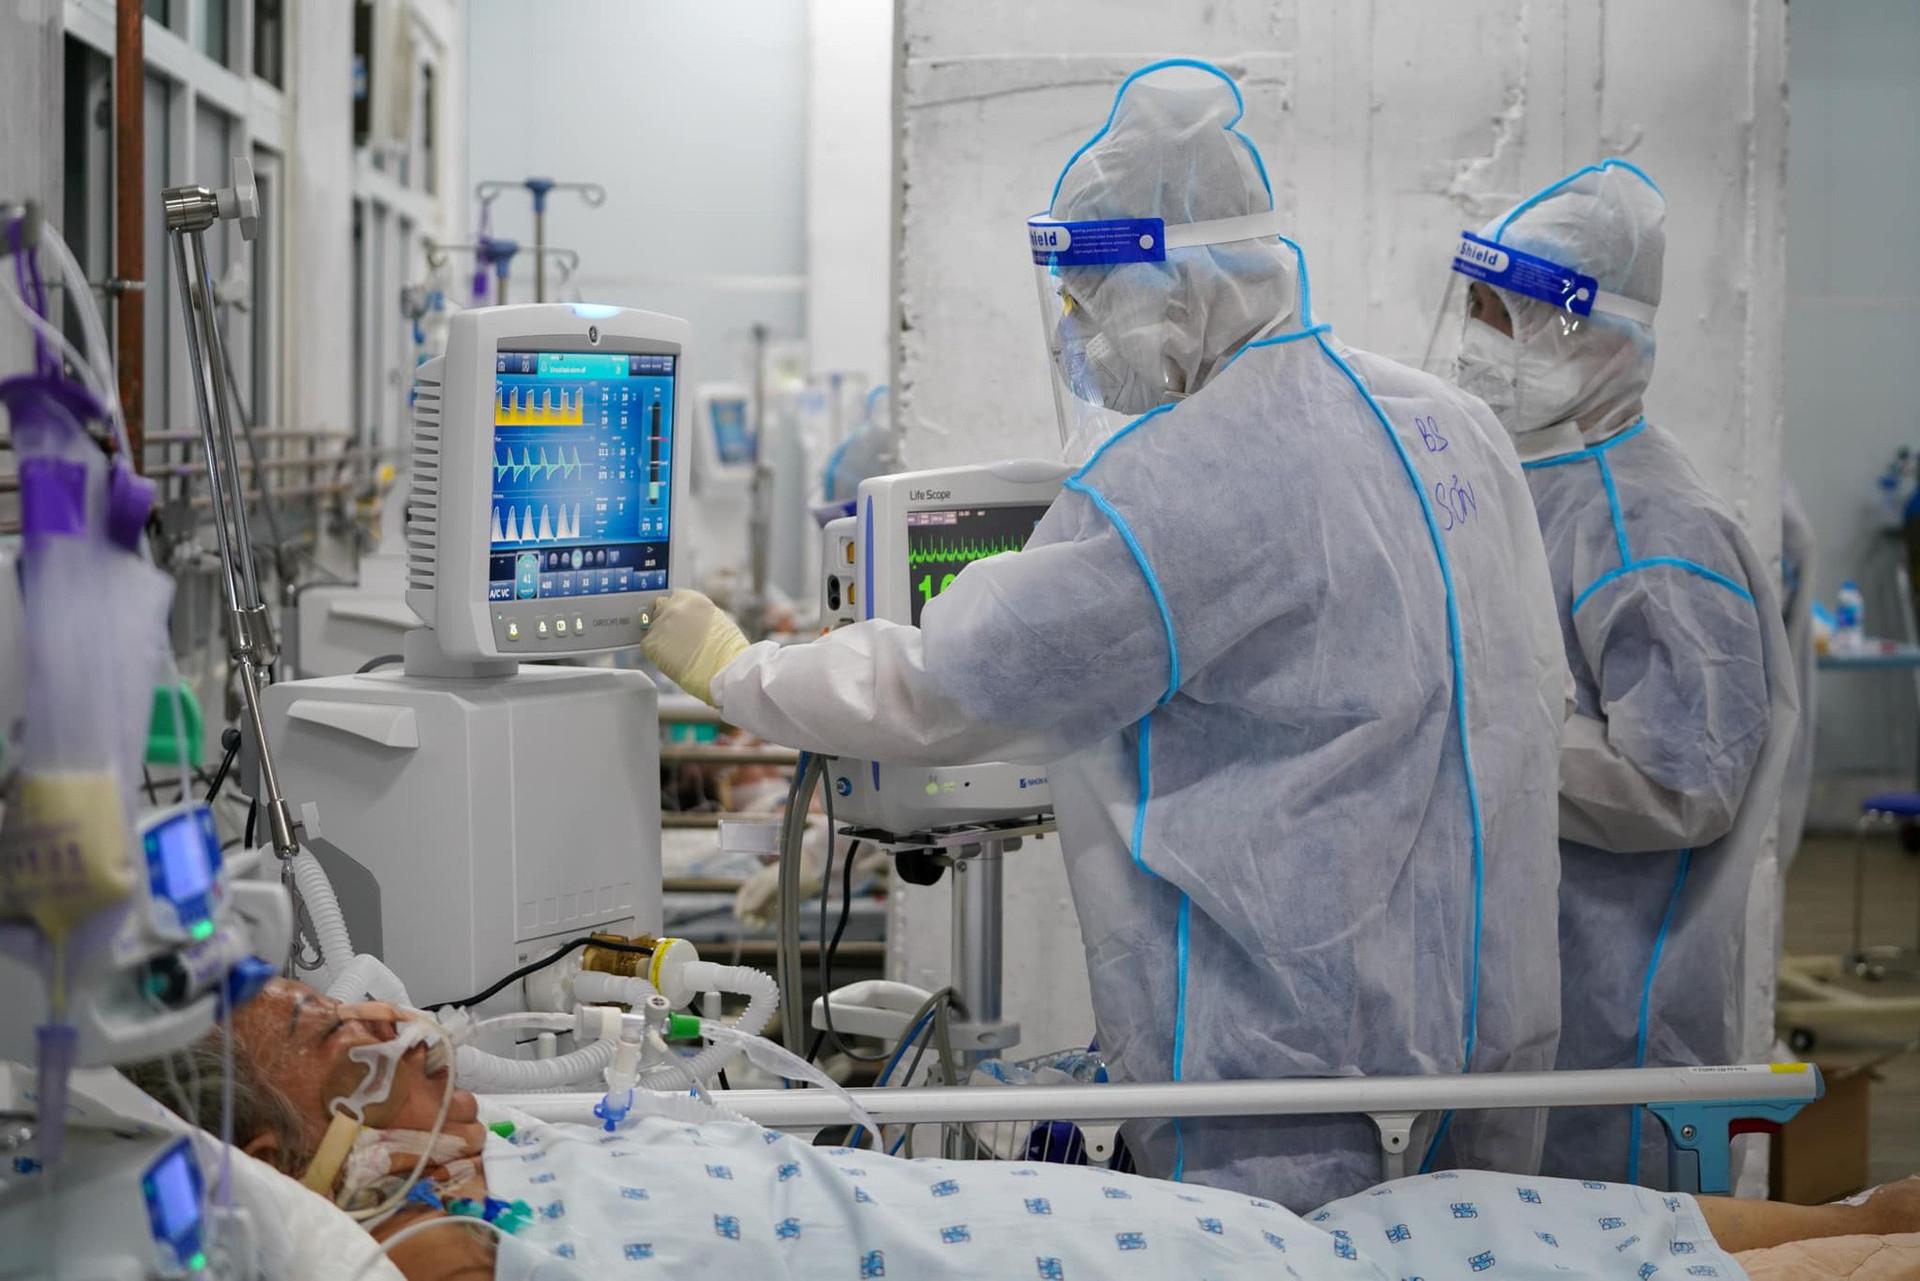 Sáng 20/9: Gần 5.400 ca COVID-19 nặng đang điều trị; 15 địa phương qua 14 ngày chưa ghi nhận F0 trong nước - Ảnh 2.